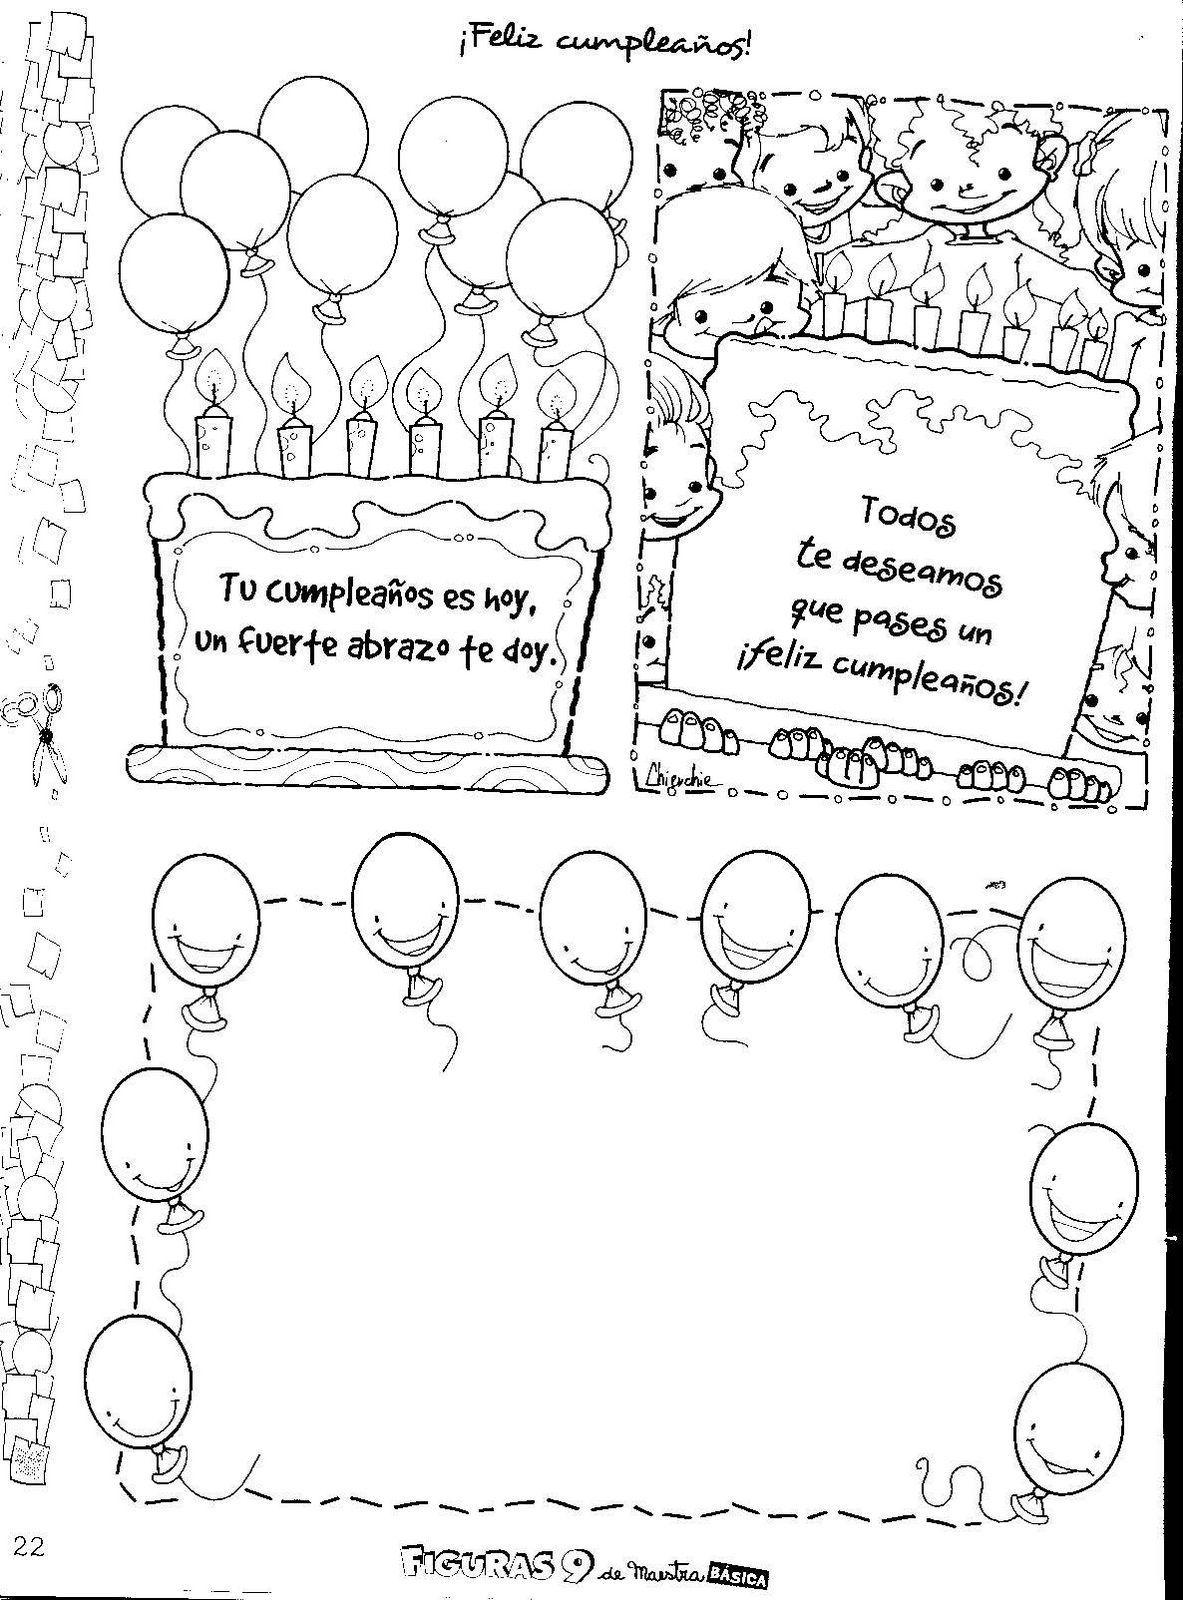 tarjetas de para cumpleaos listas para imprimir y compartir en un da tan especial con los cumpleaeros